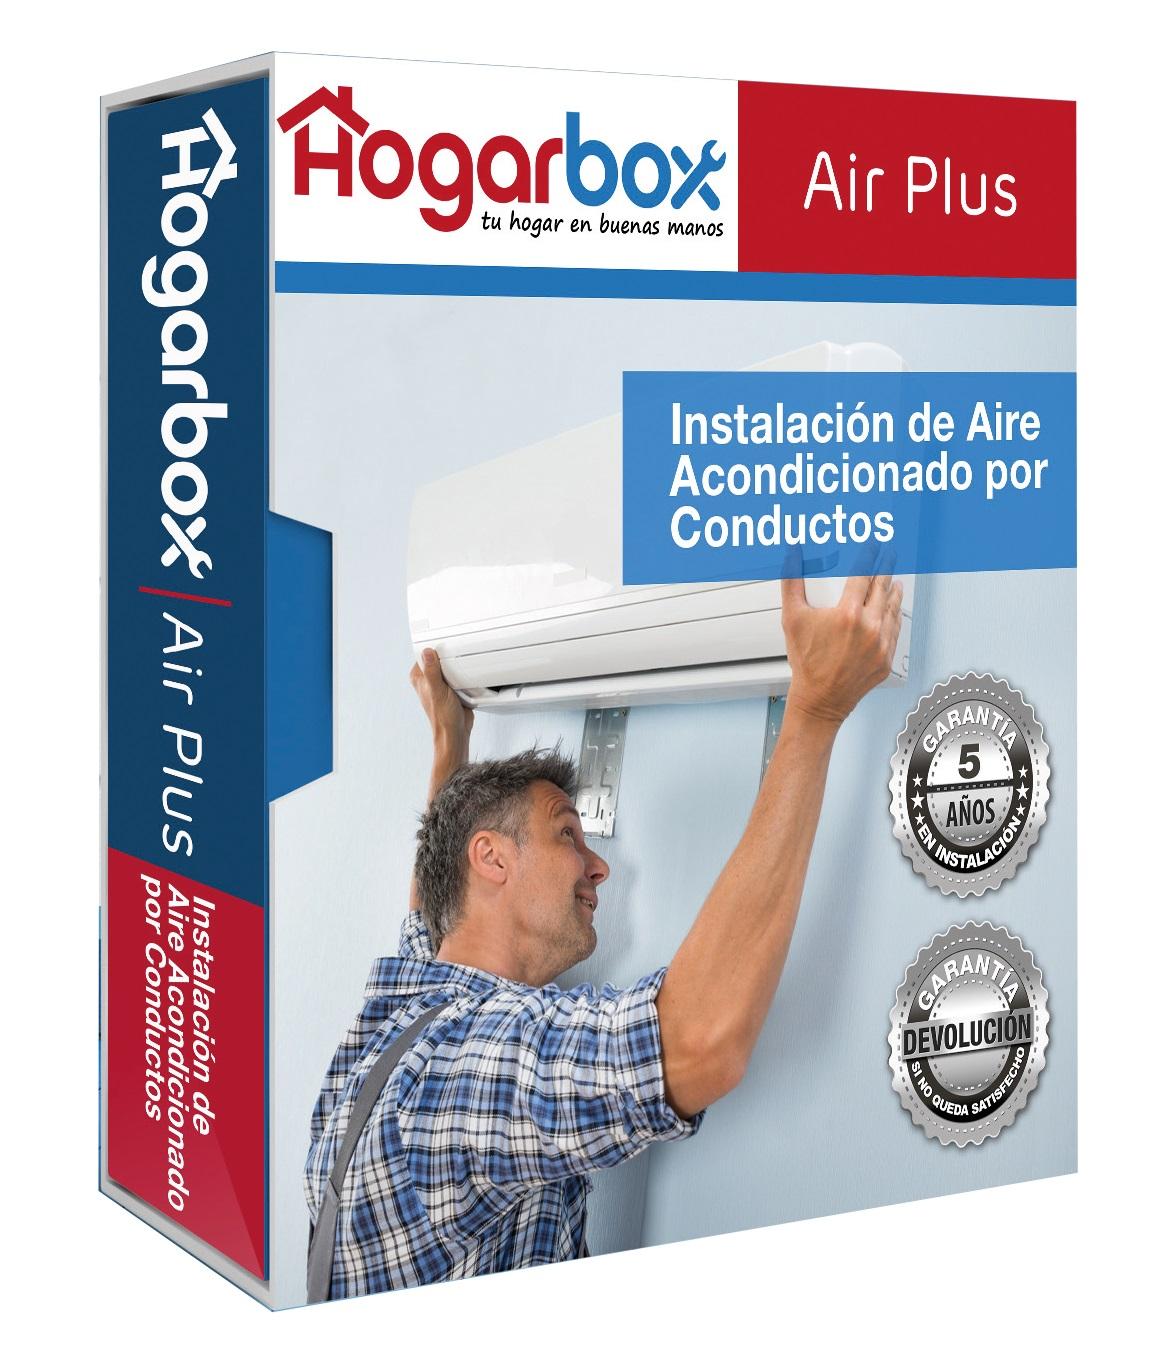 Instalación HogarBox Air